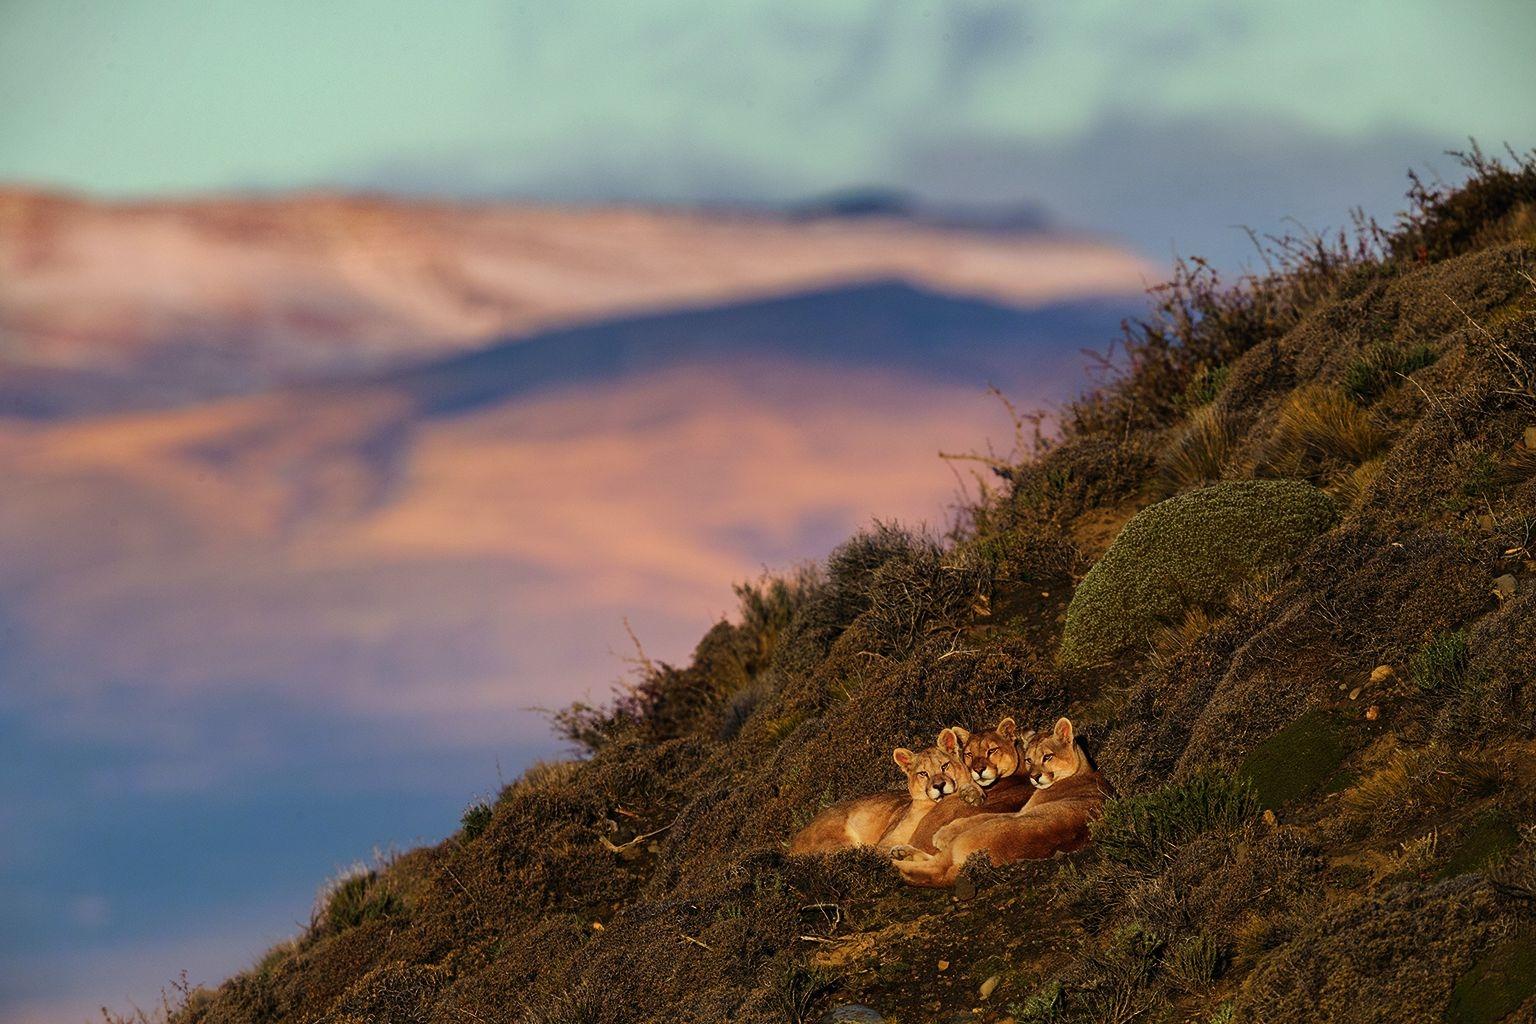 多刺騾草灌叢與岩石碎片並不會對照片中央那隻名叫薩緬托的美洲獅和牠11個月大的幼崽造成困擾。在這個冬日黃昏,牠們在智利百內國家公園附近的薩緬托湖上方緊靠在一起。這隻母家長已經養了好幾代的幼崽,牠大部分時間都在這片水岸狩獵和打盹。